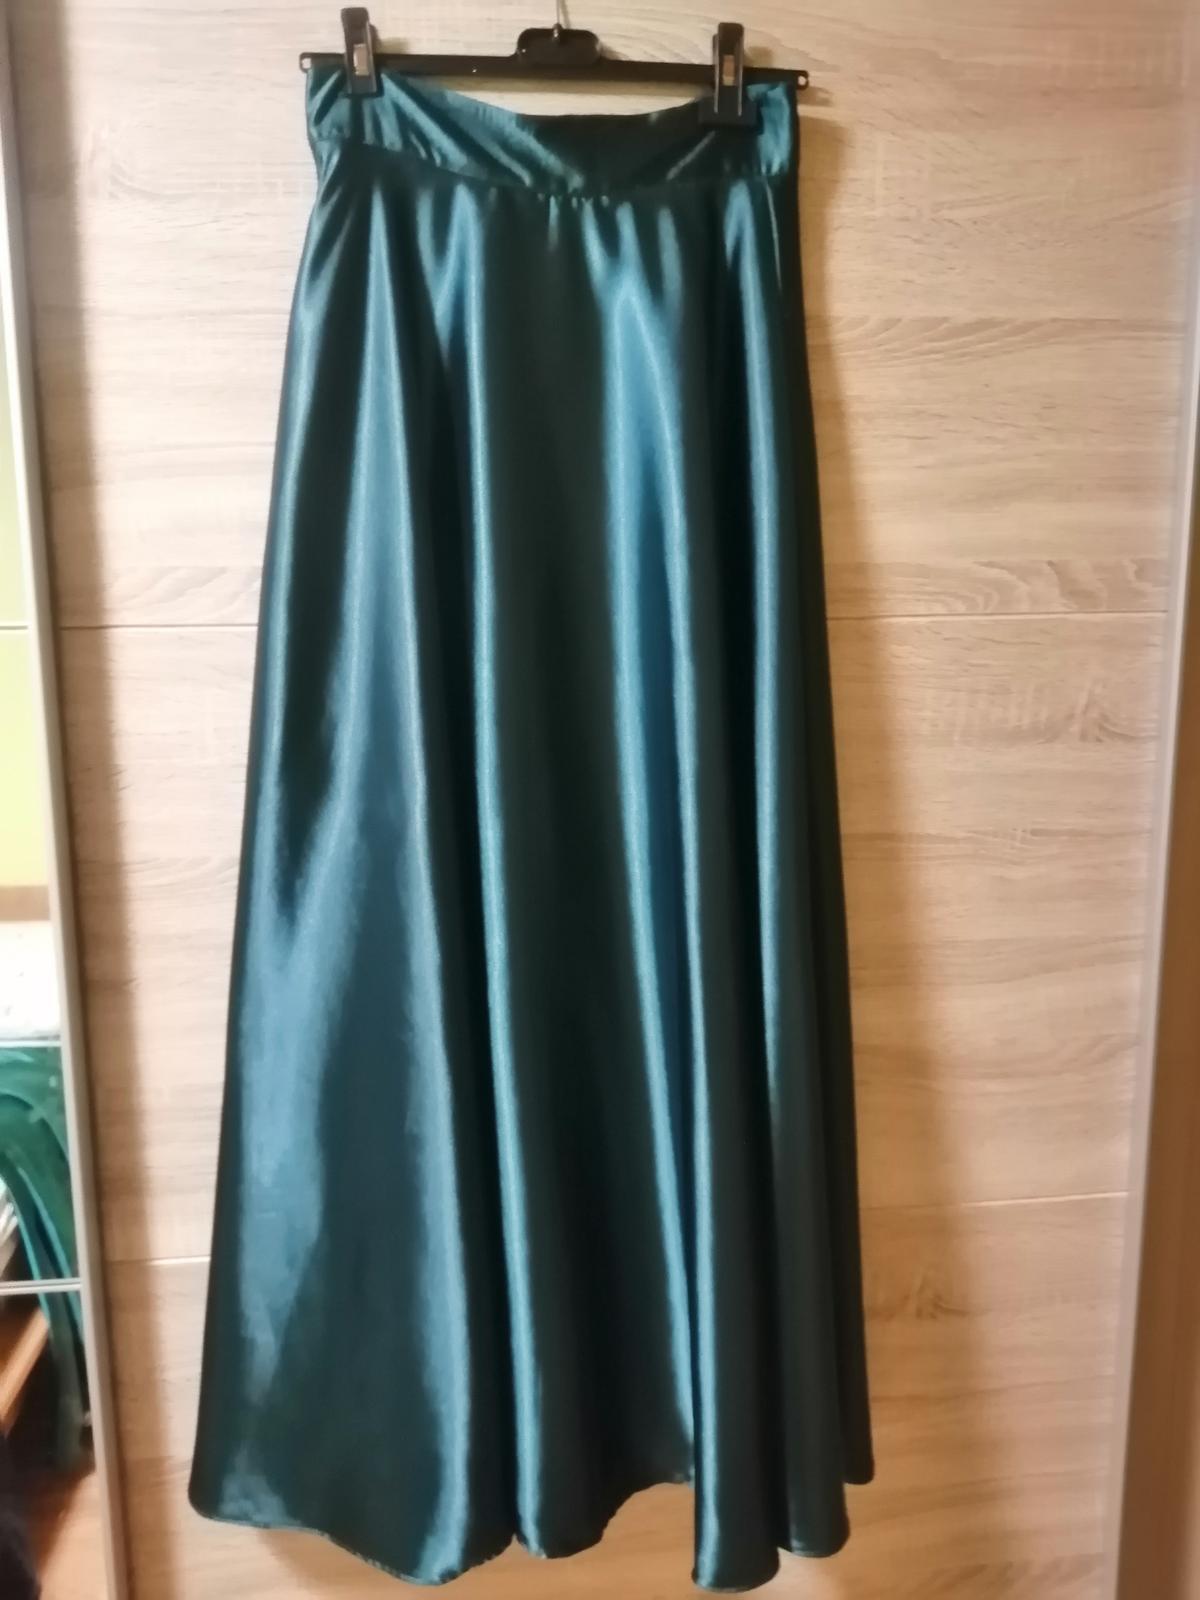 Smaragdova sukňa - Obrázok č. 2